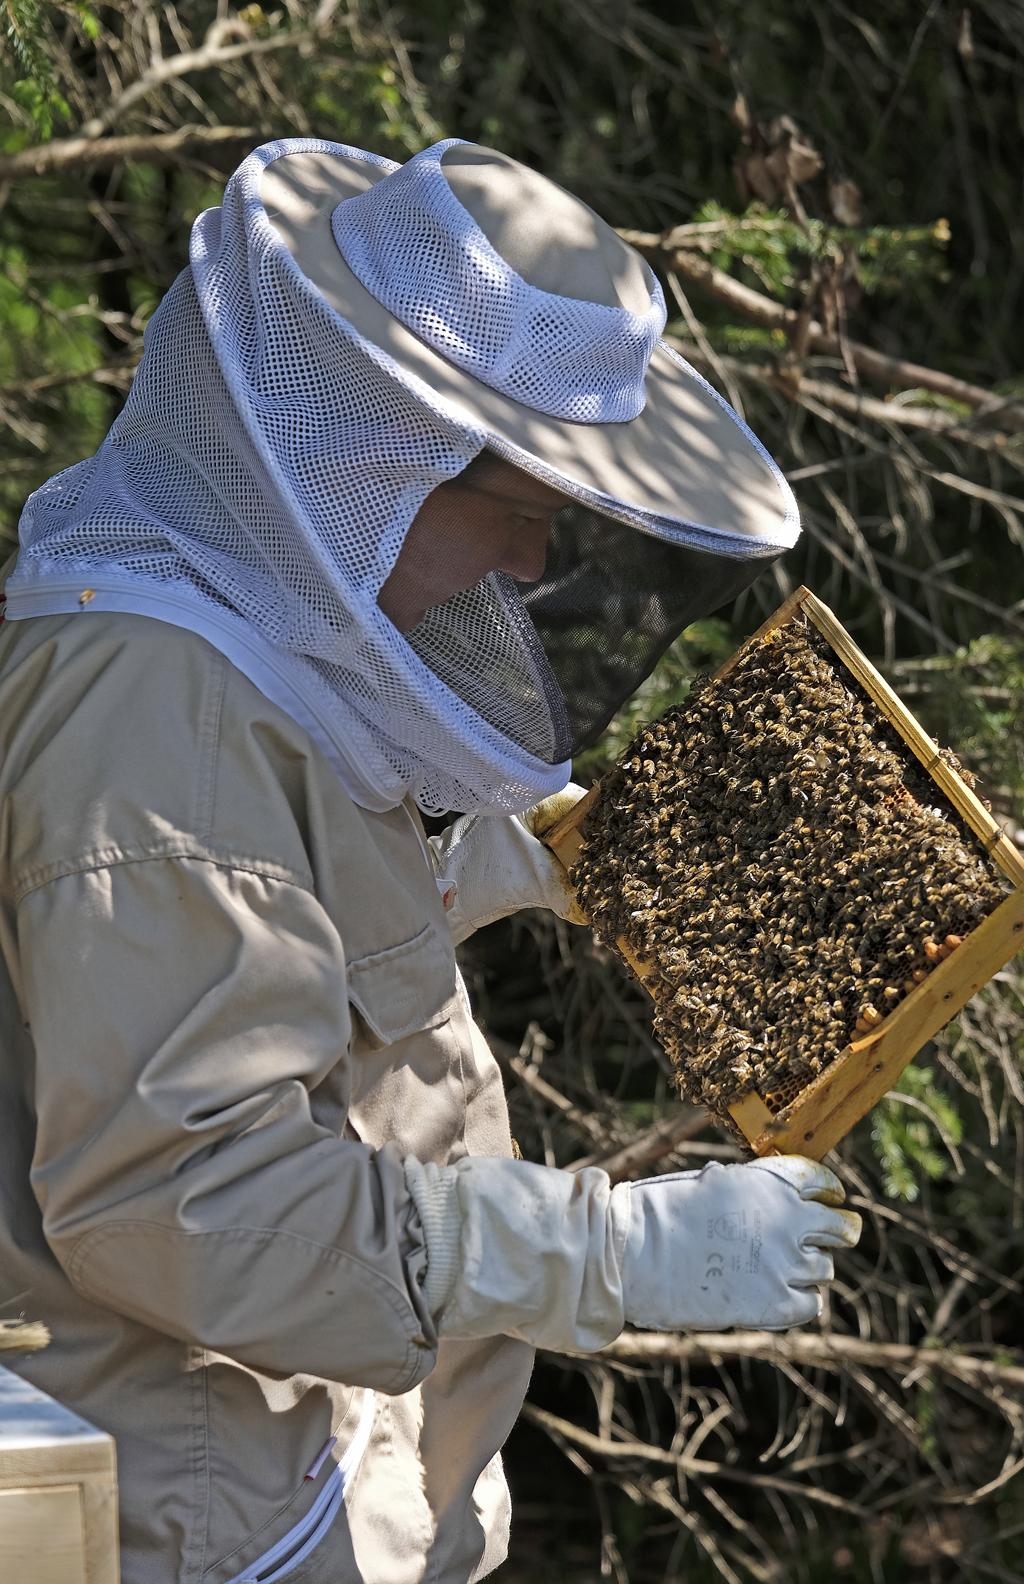 Ein Imker überprüft die Honigwaben eines Bienenvolks (Foto: Karlheinz Steinberger)